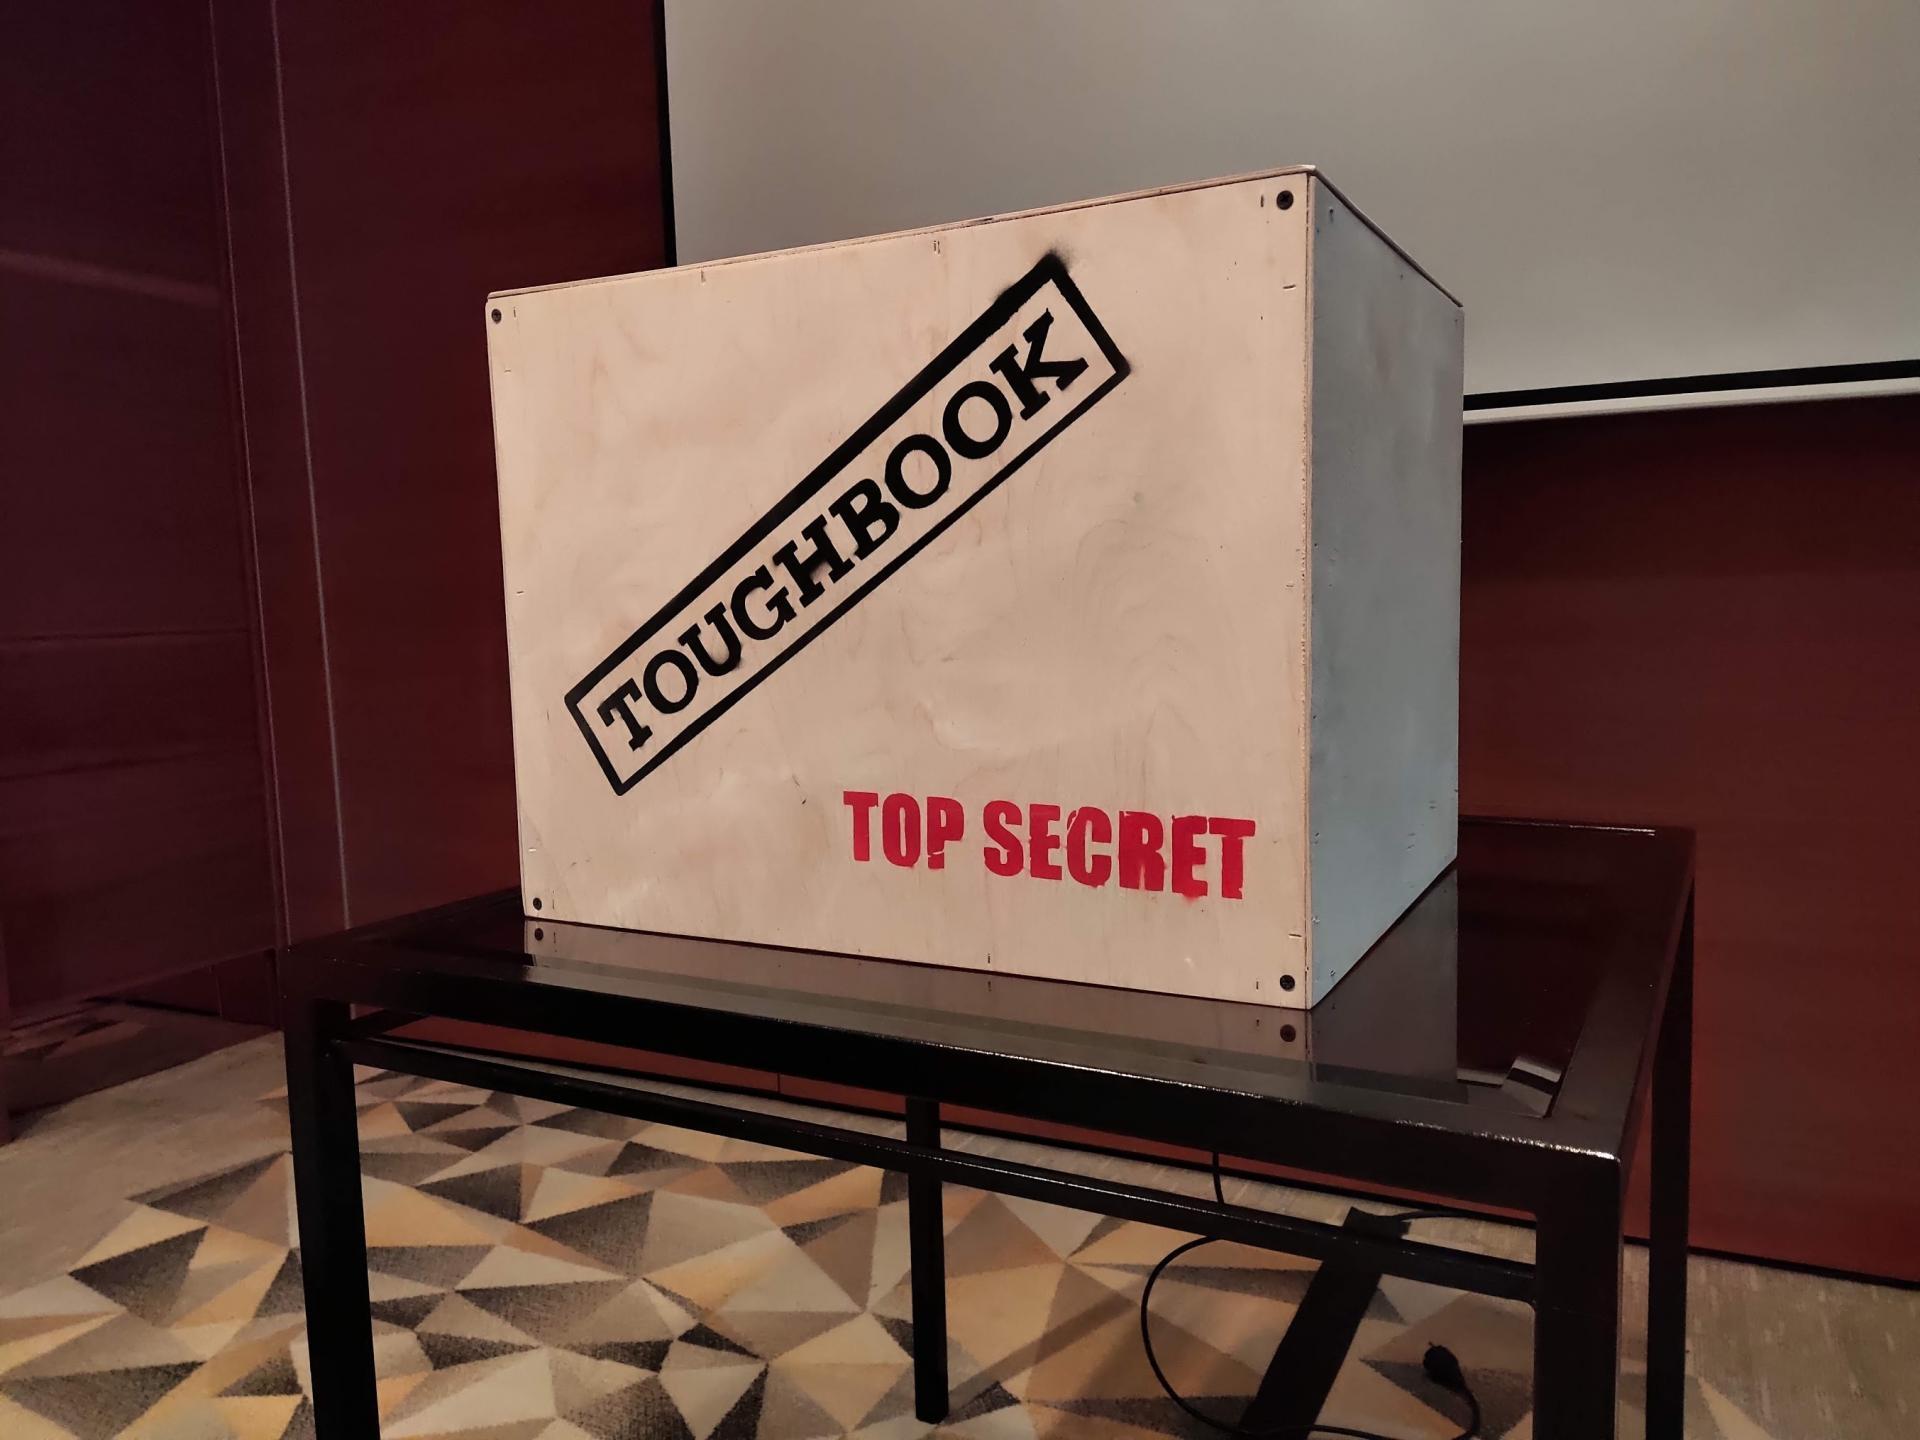 Panaonic показала защищённый ноутбук Toughbook 55